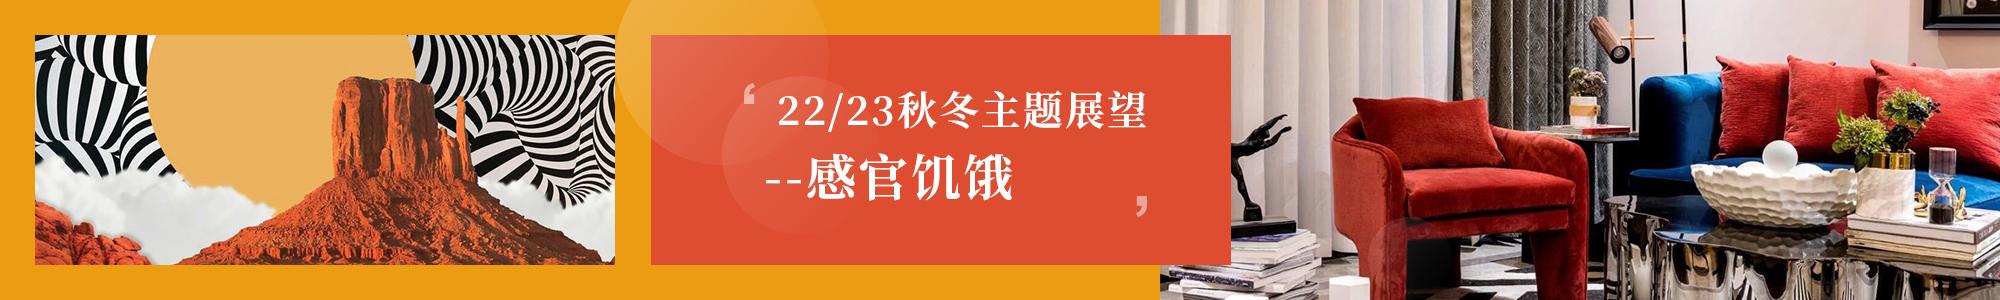 22/23秋冬主题展望--感官饥饿